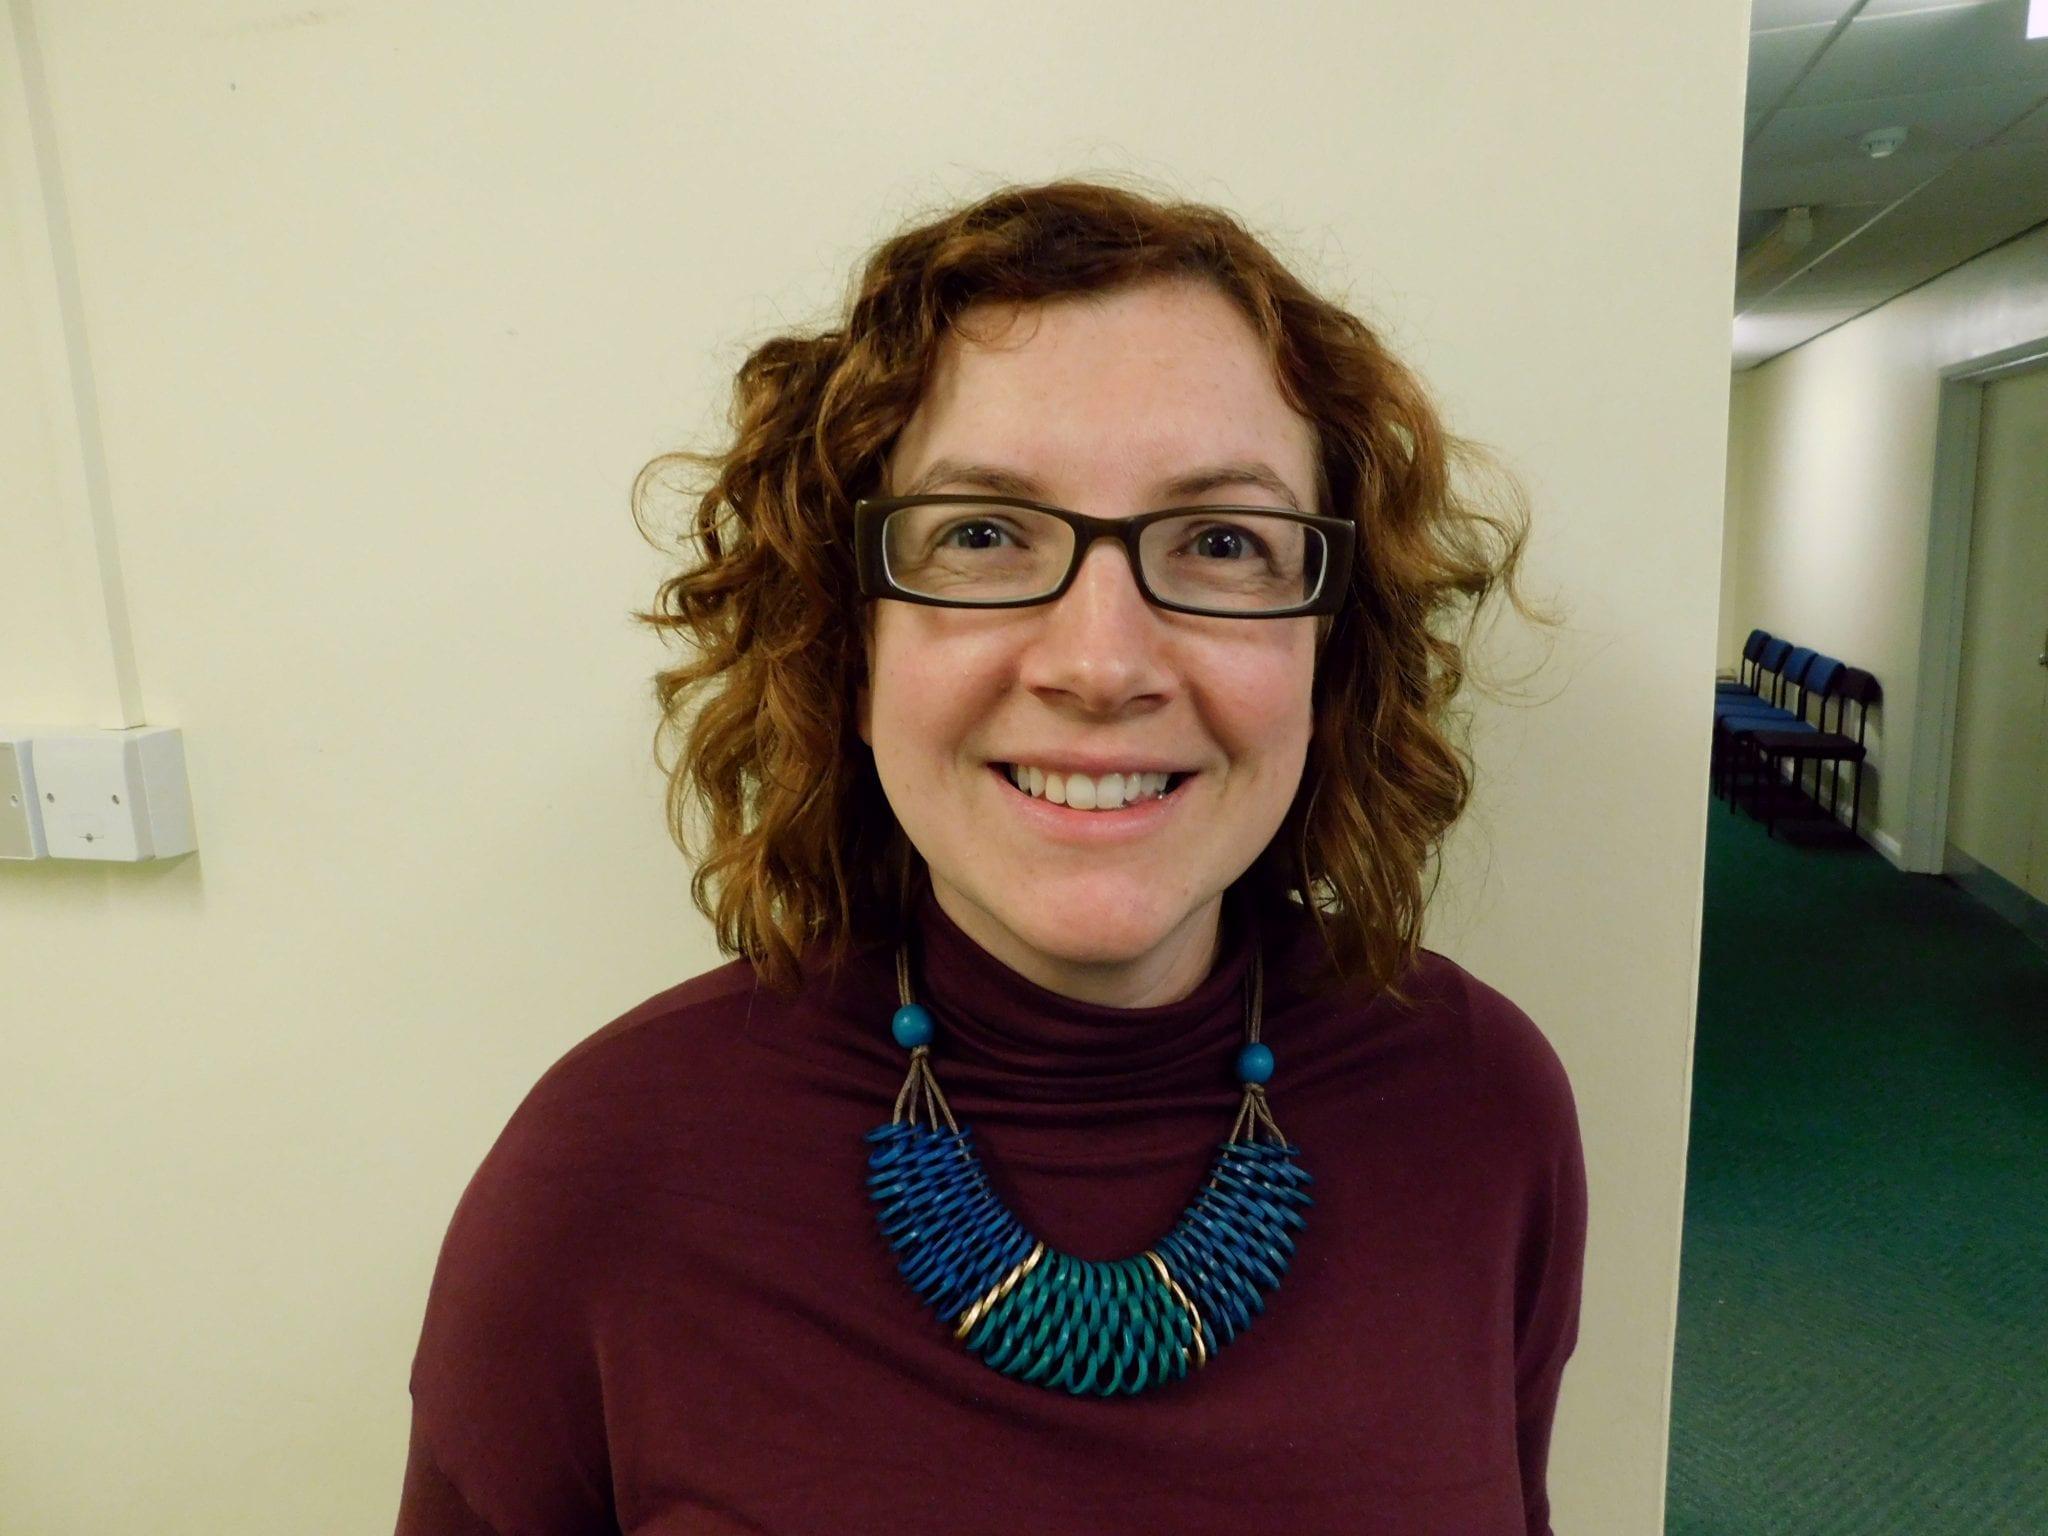 Emily Burgoyne